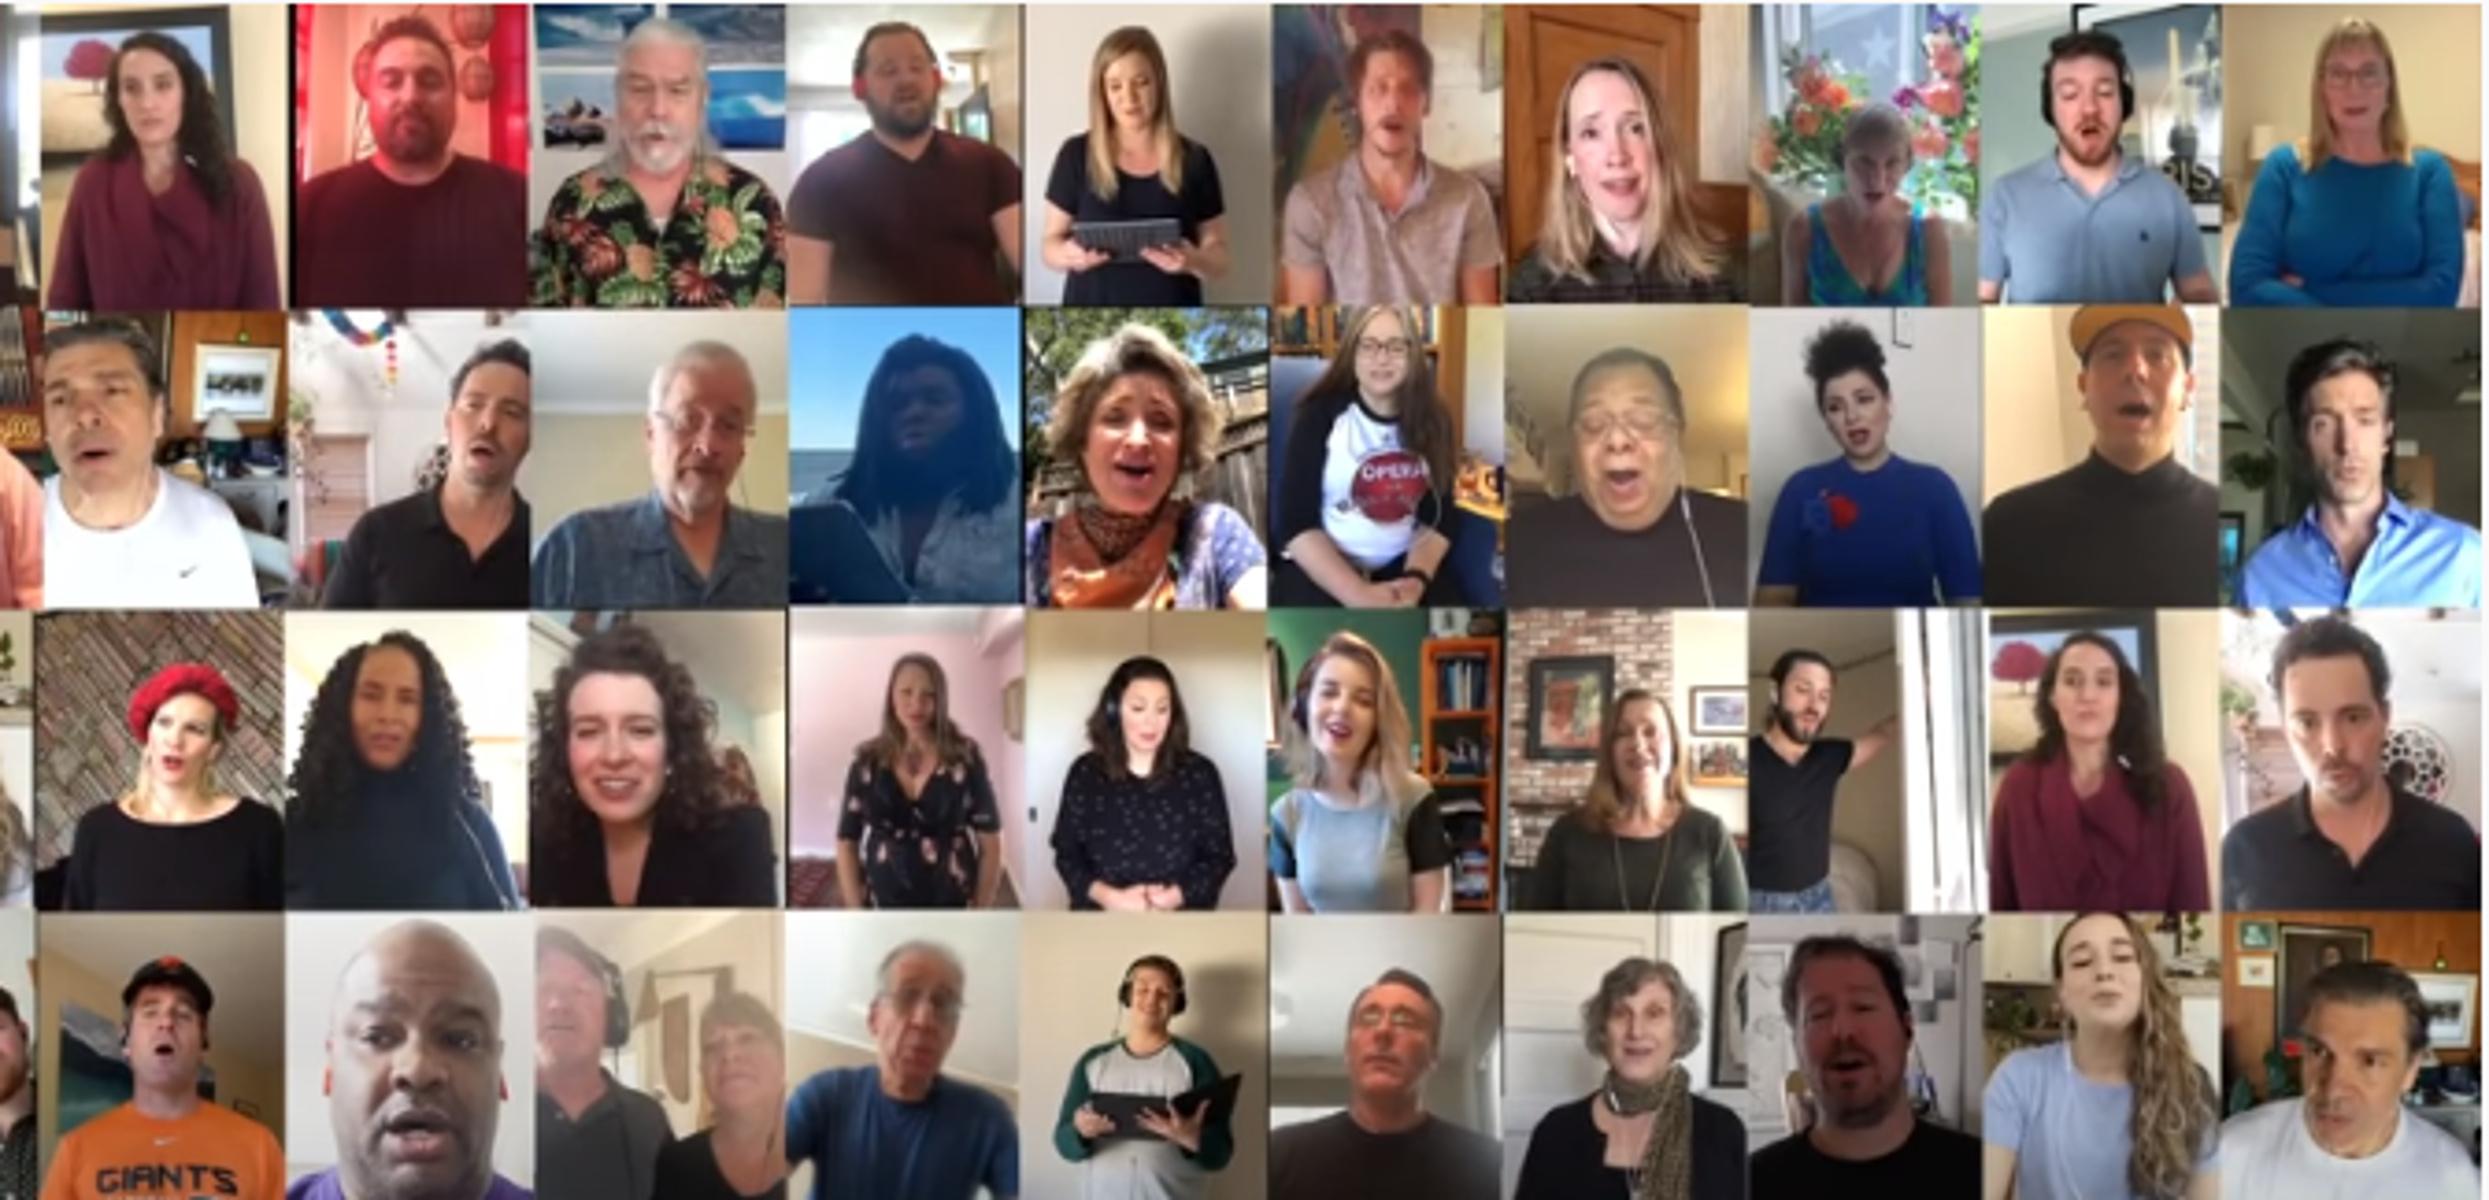 Οι κάτοικοι του Σαν Φρανσίσκο τραγούδησαν μαζί με τον Τόνι Μπένετ